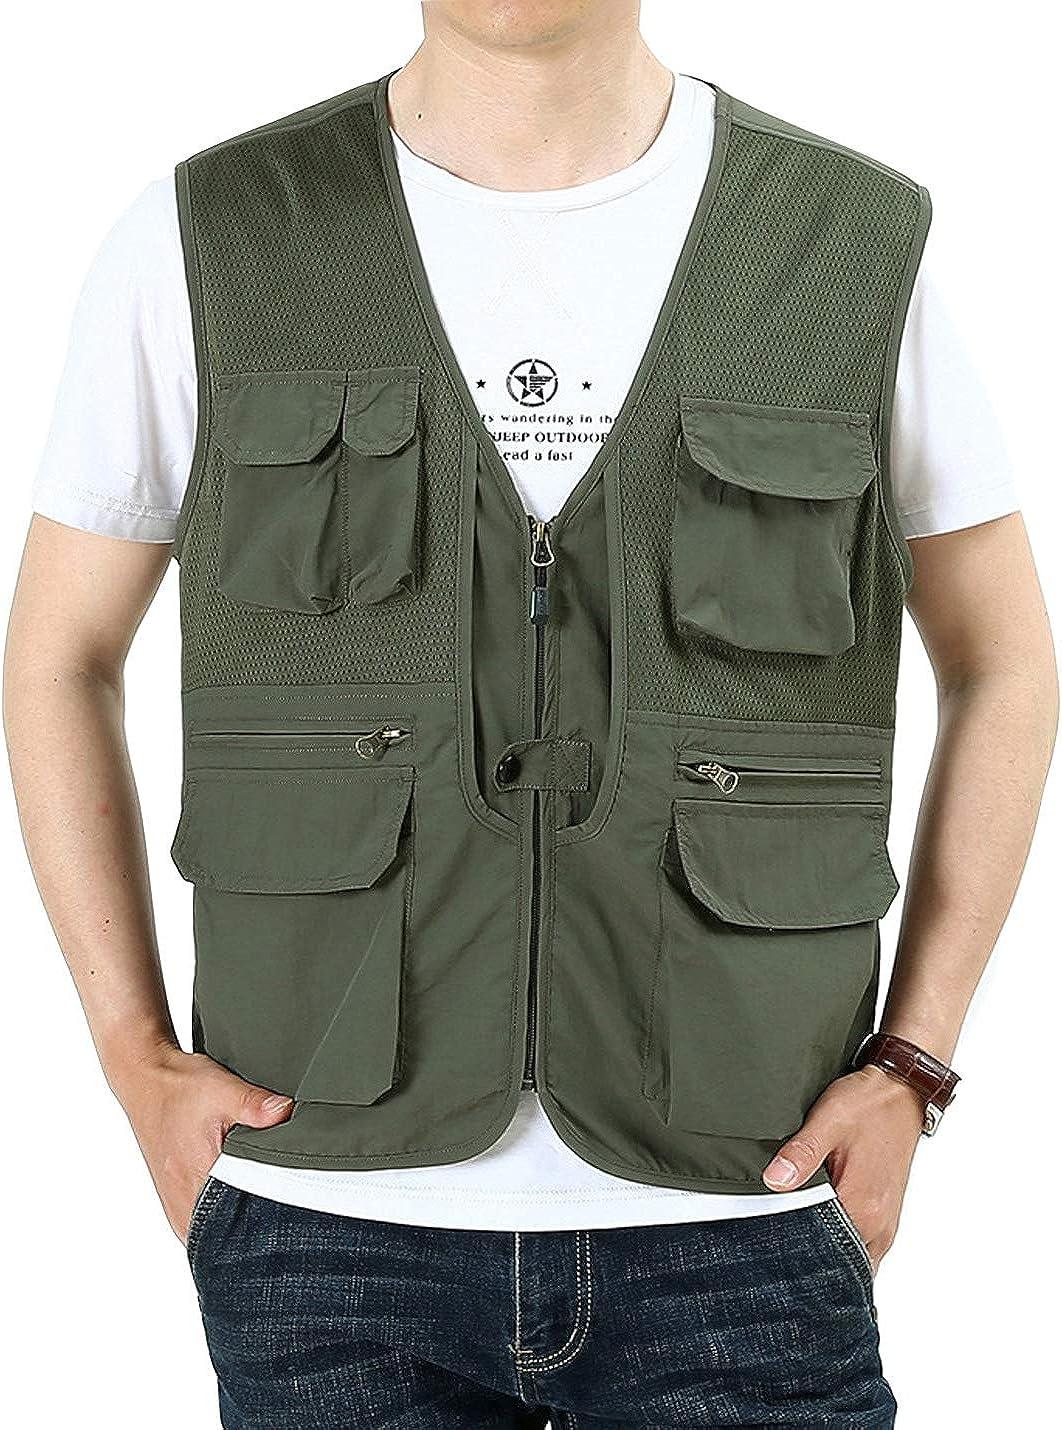 Gihuo Men's Casual Safari Travel Fishing Mesh Zip Vest Outdoor Waterproof Utility Vest Gilet